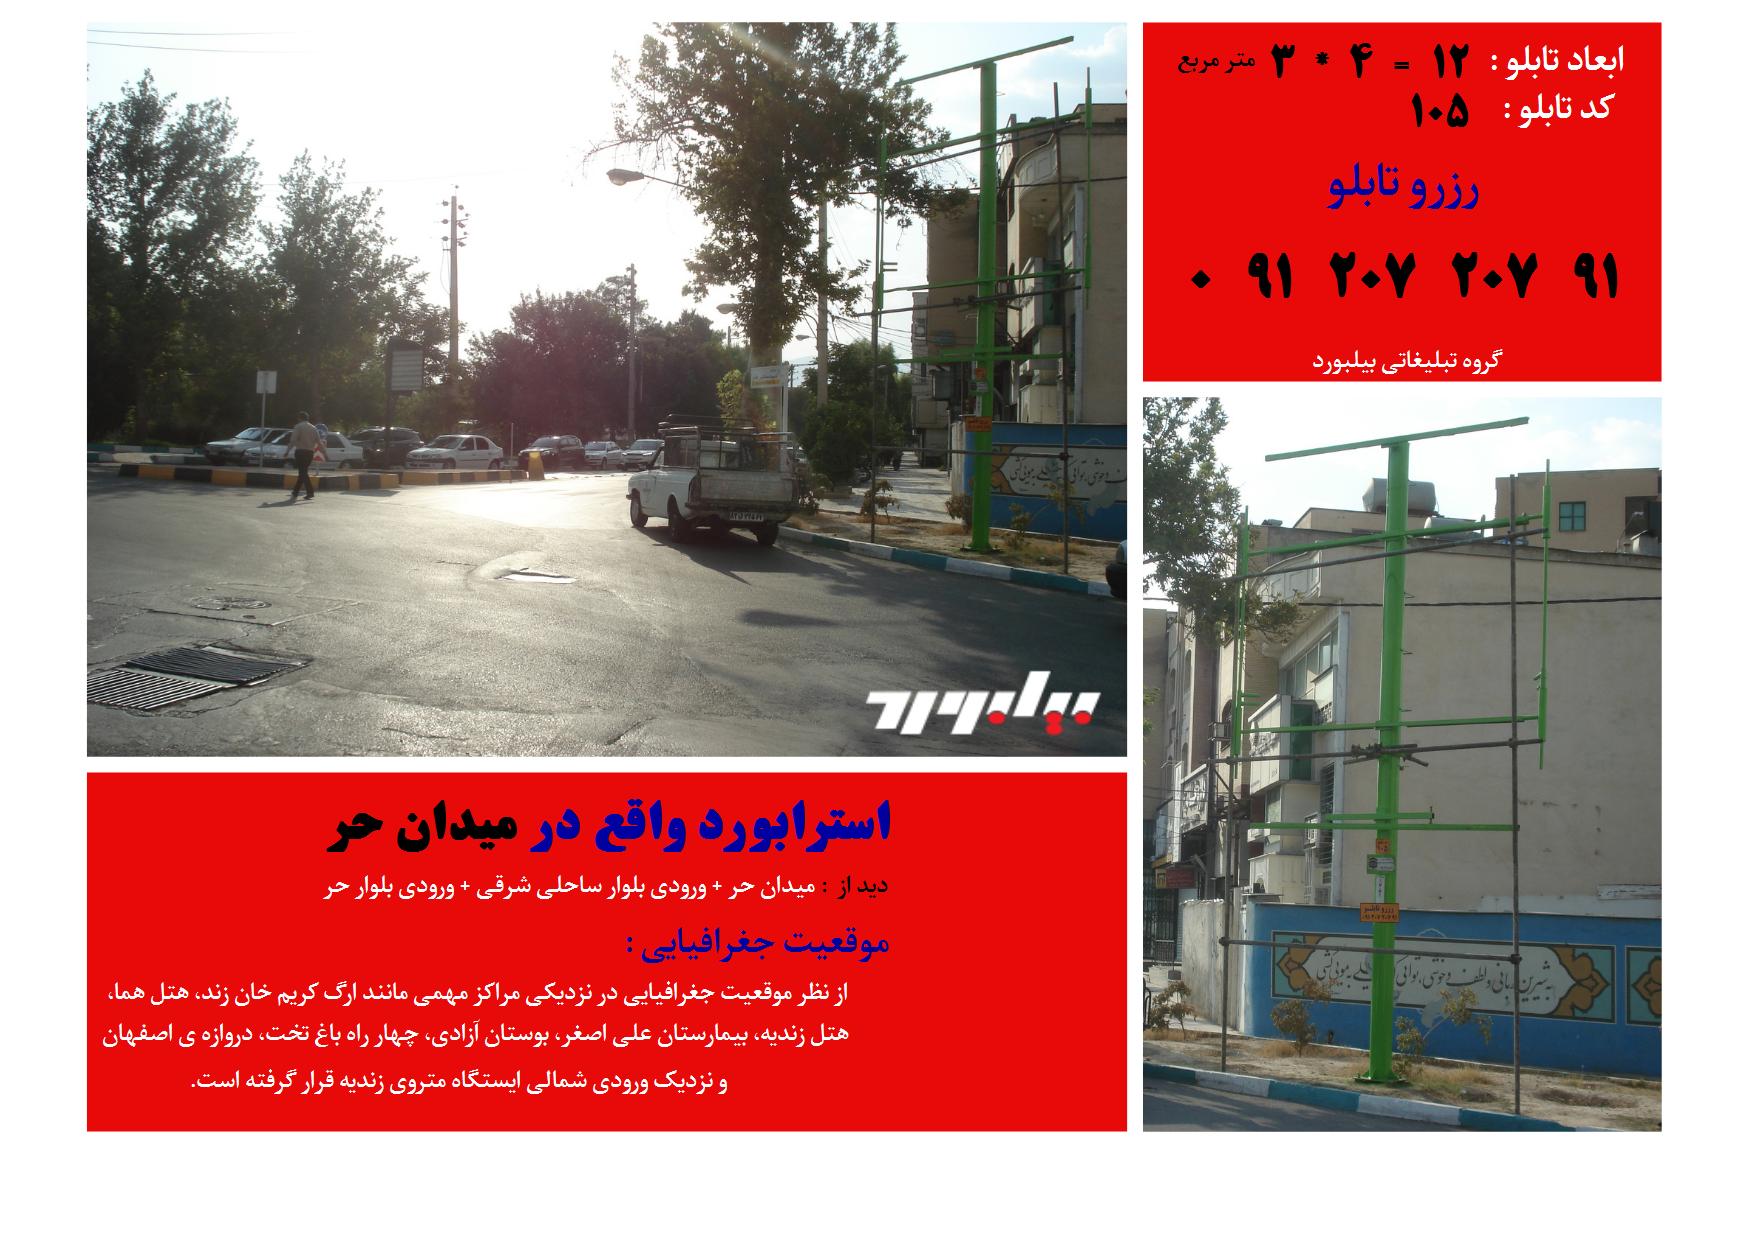 رزرو و اجاره تابلو تبلیغات محیطی در شیراز|تبلیغات محیطی|فارس شیراز|ثبت آگهی رایگان - بیلبورد